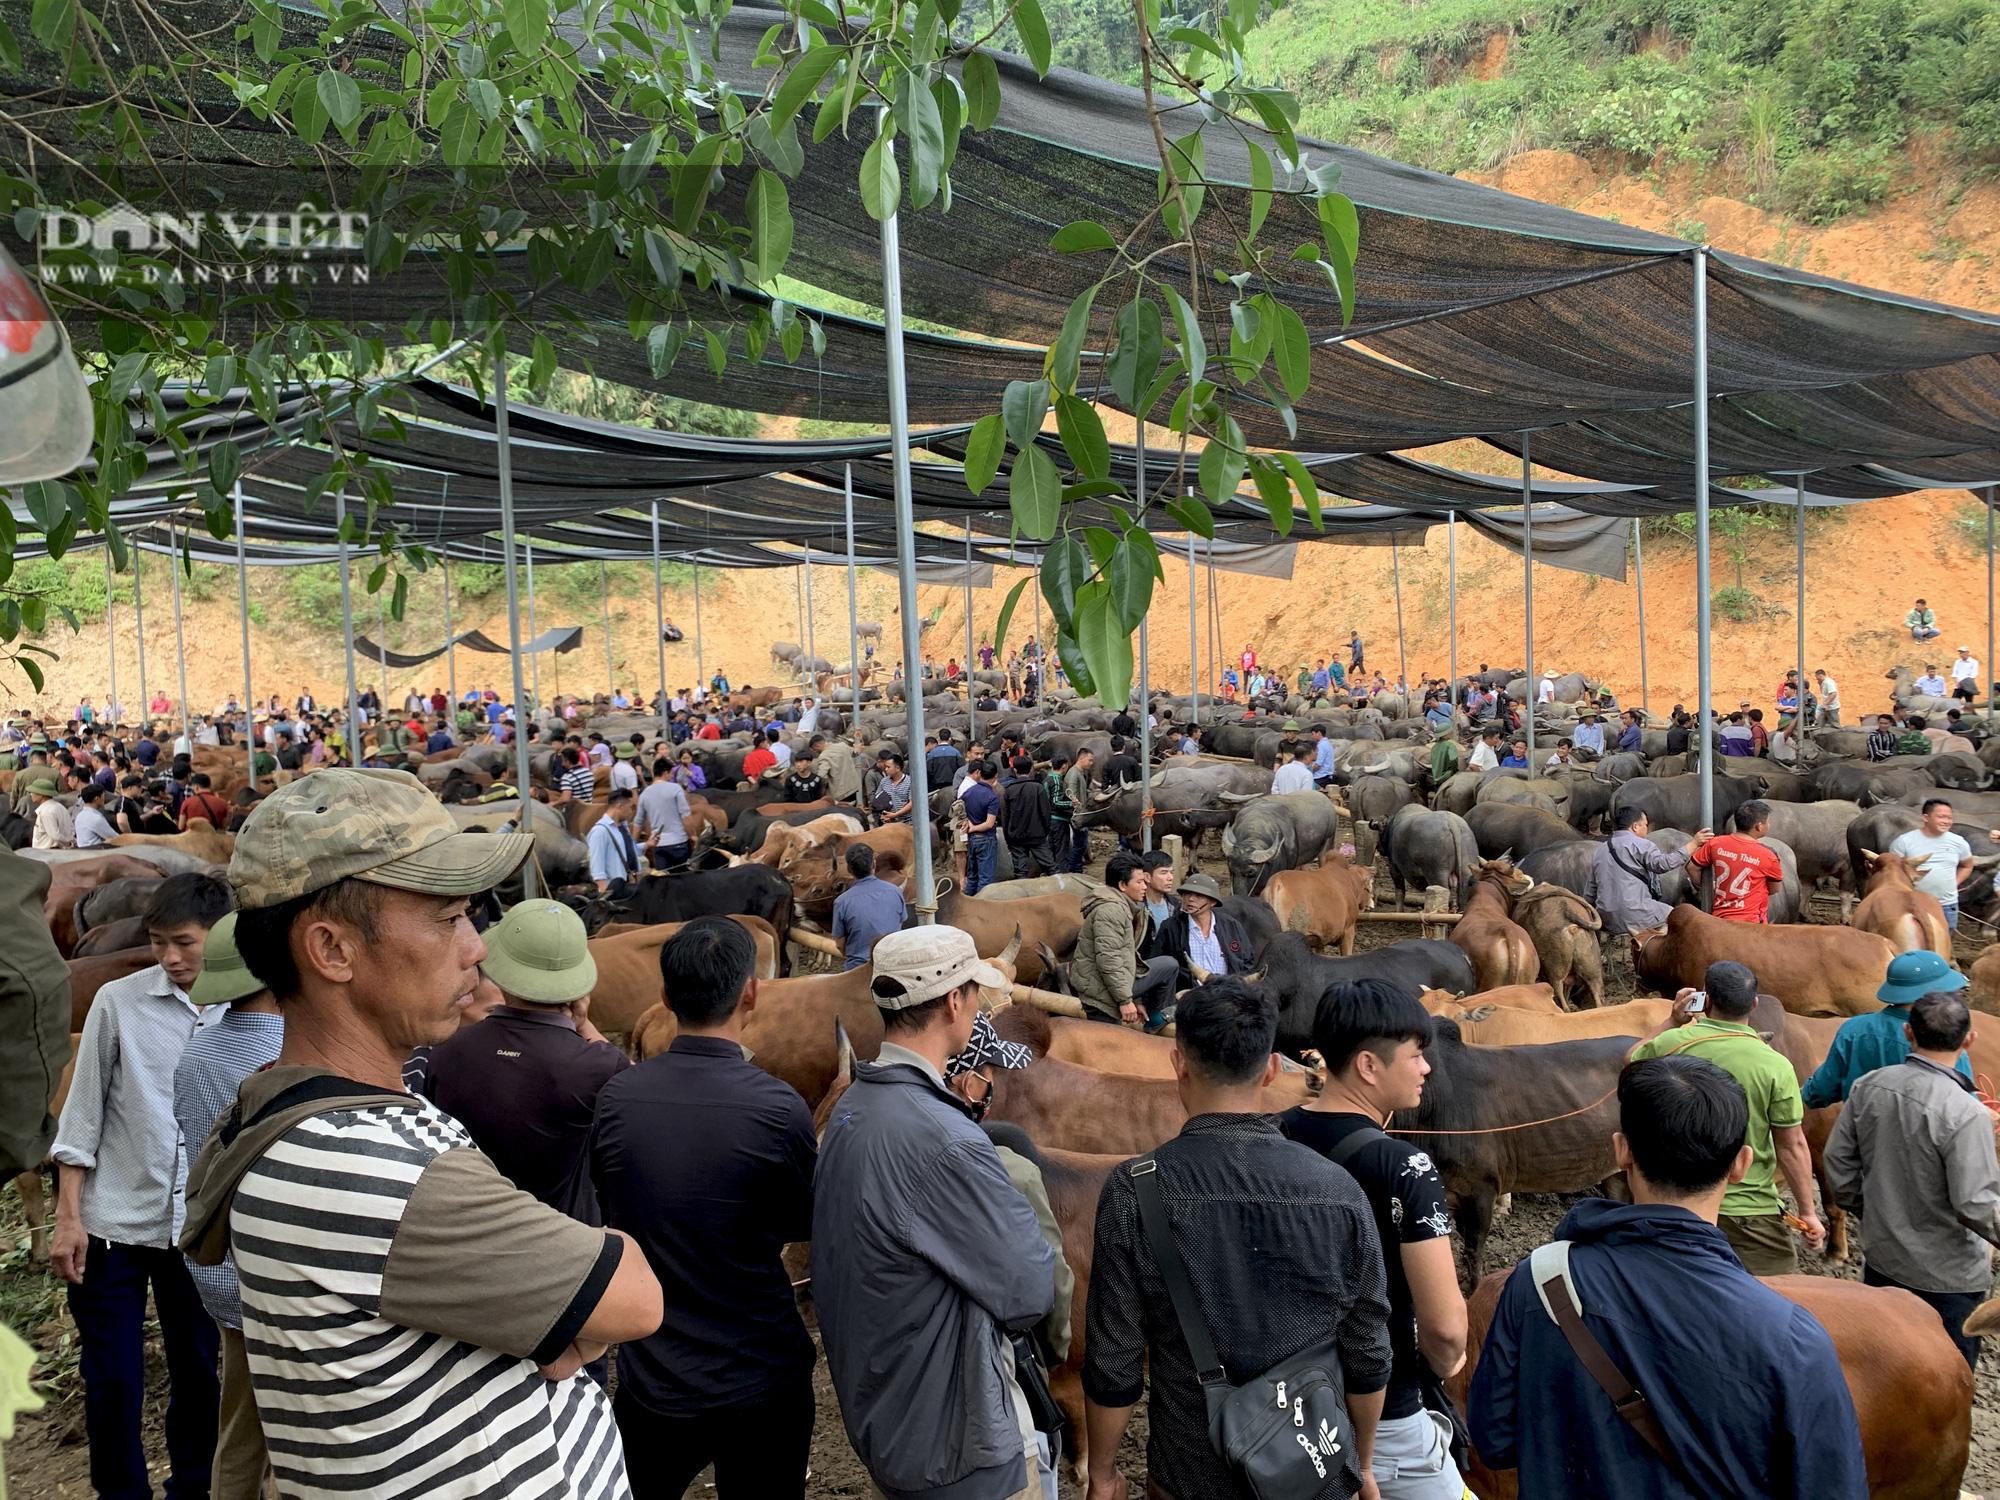 Bắc Kạn: Nguy cơ mất an toàn tại chợ trâu, bò Nghiên Loan - Ảnh 4.